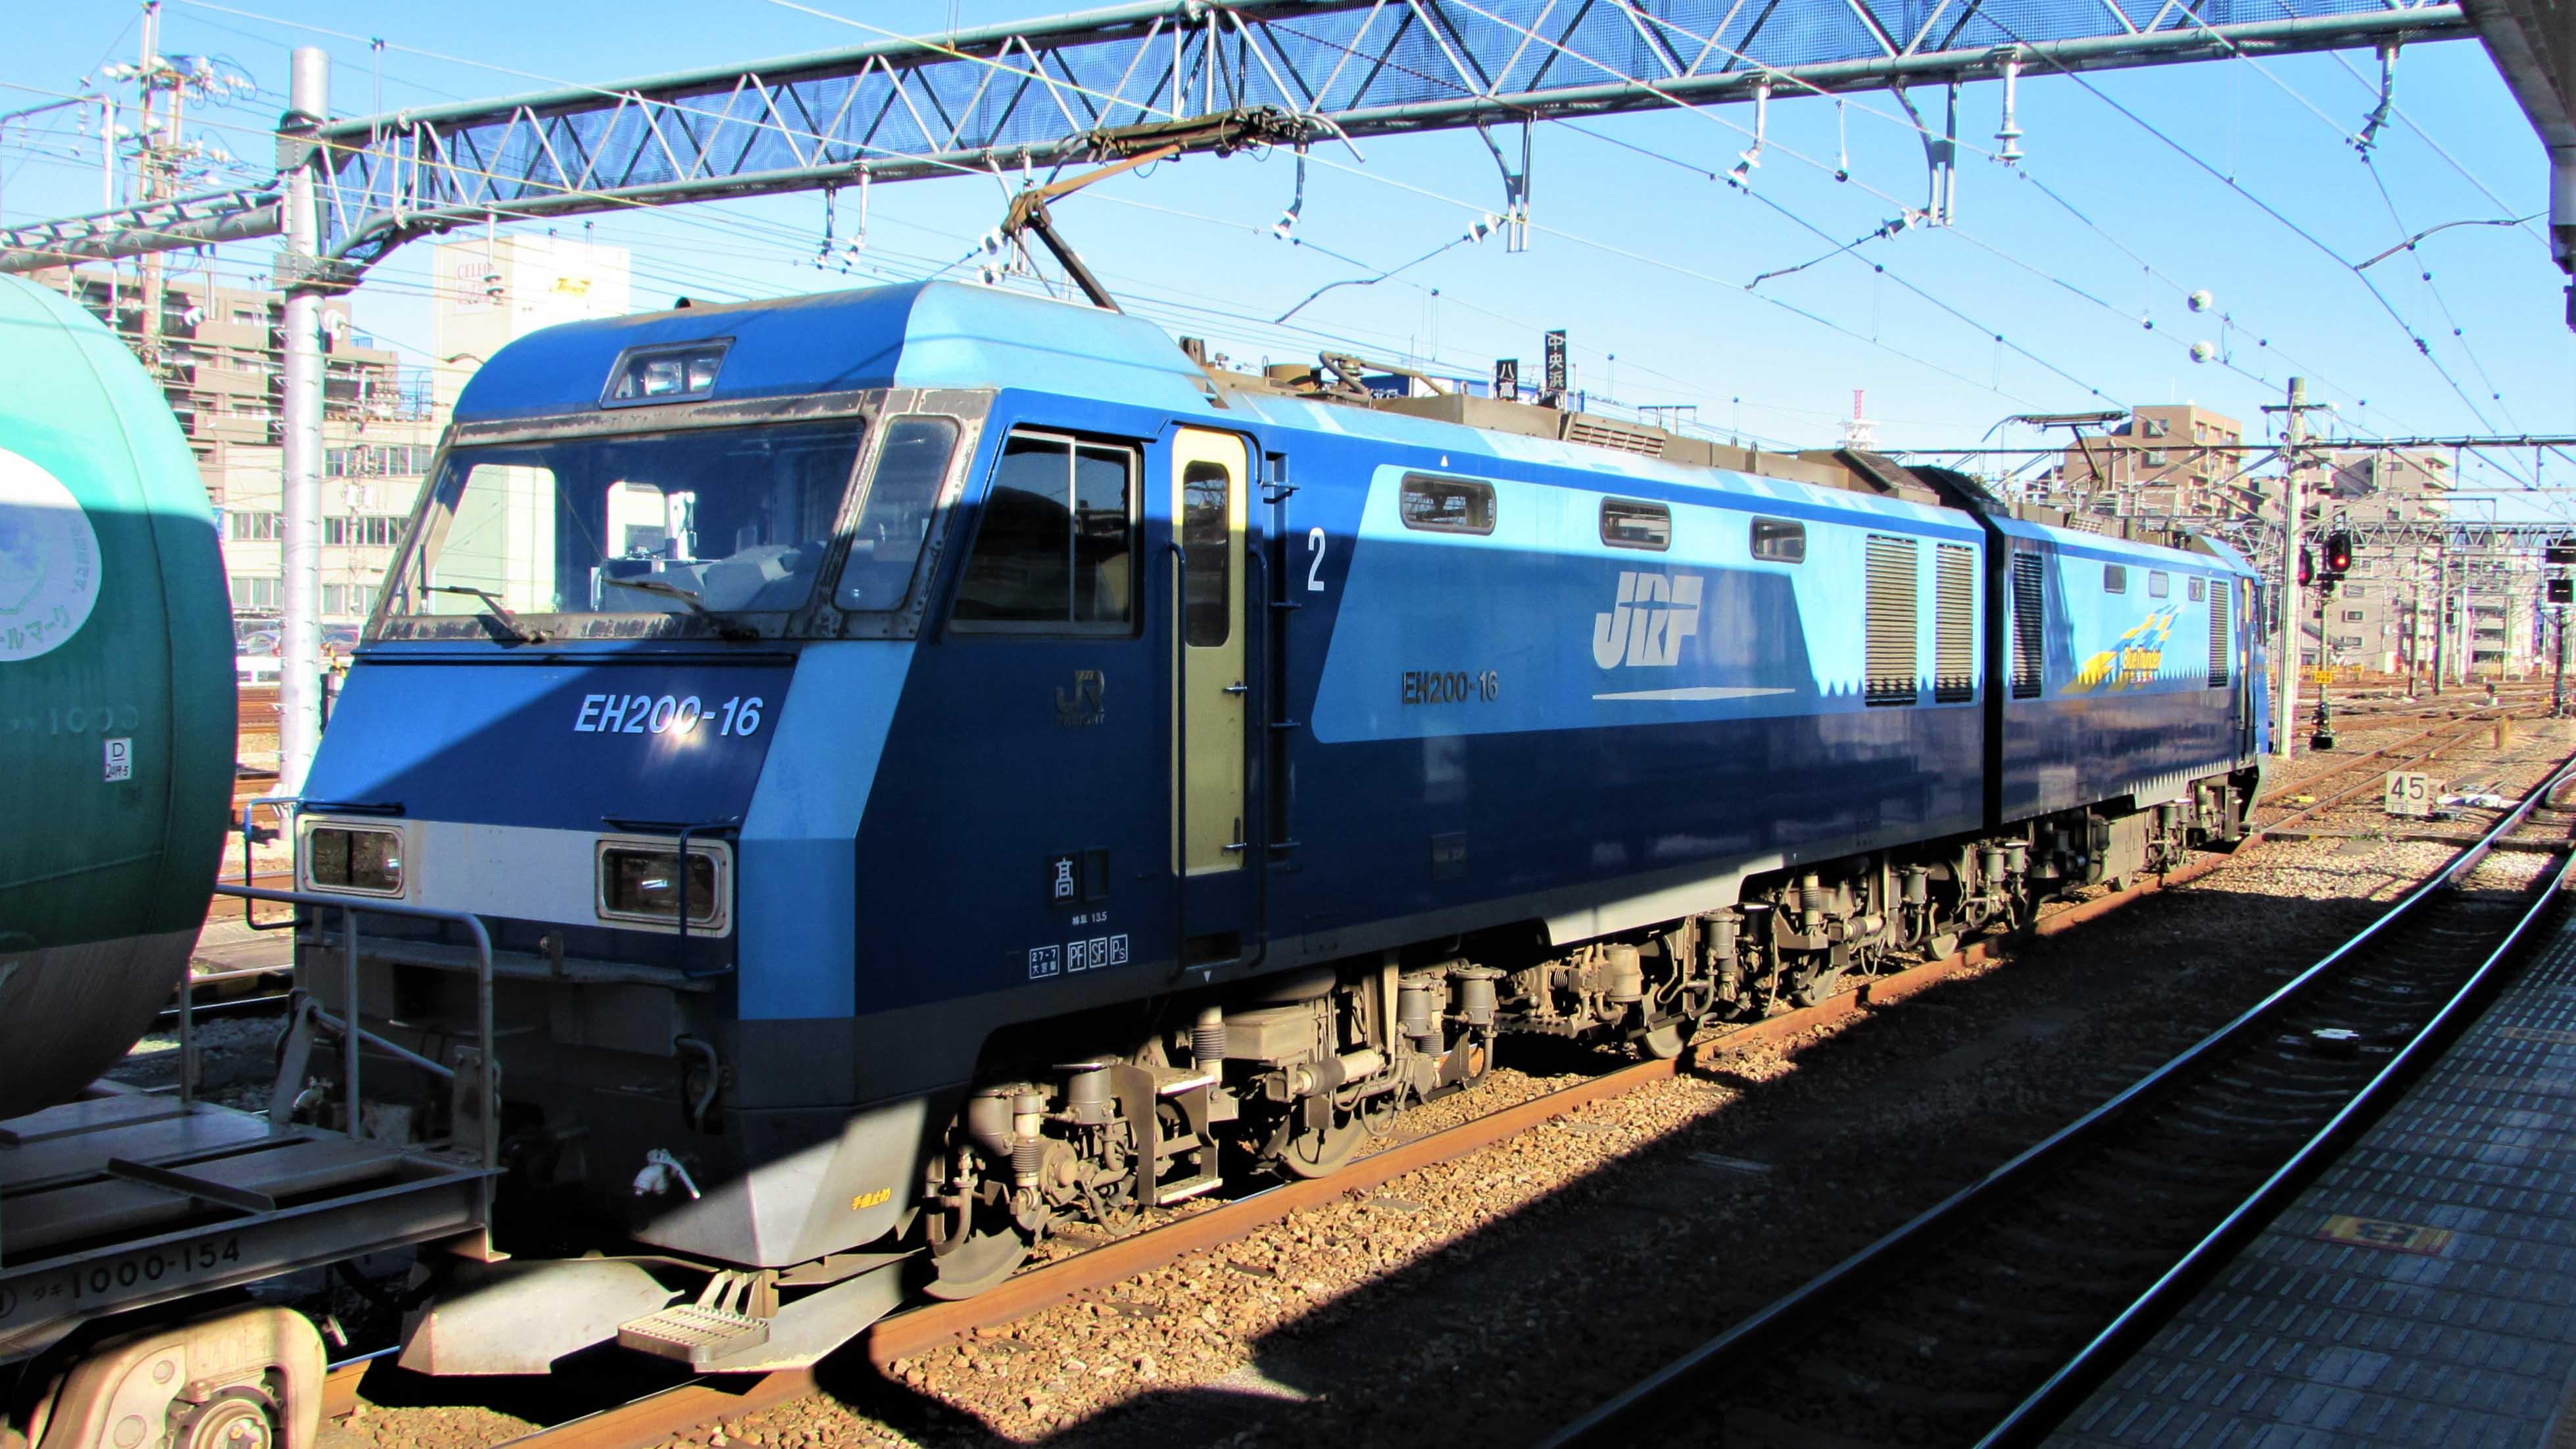 JR Freight Class EH200 Hachioji